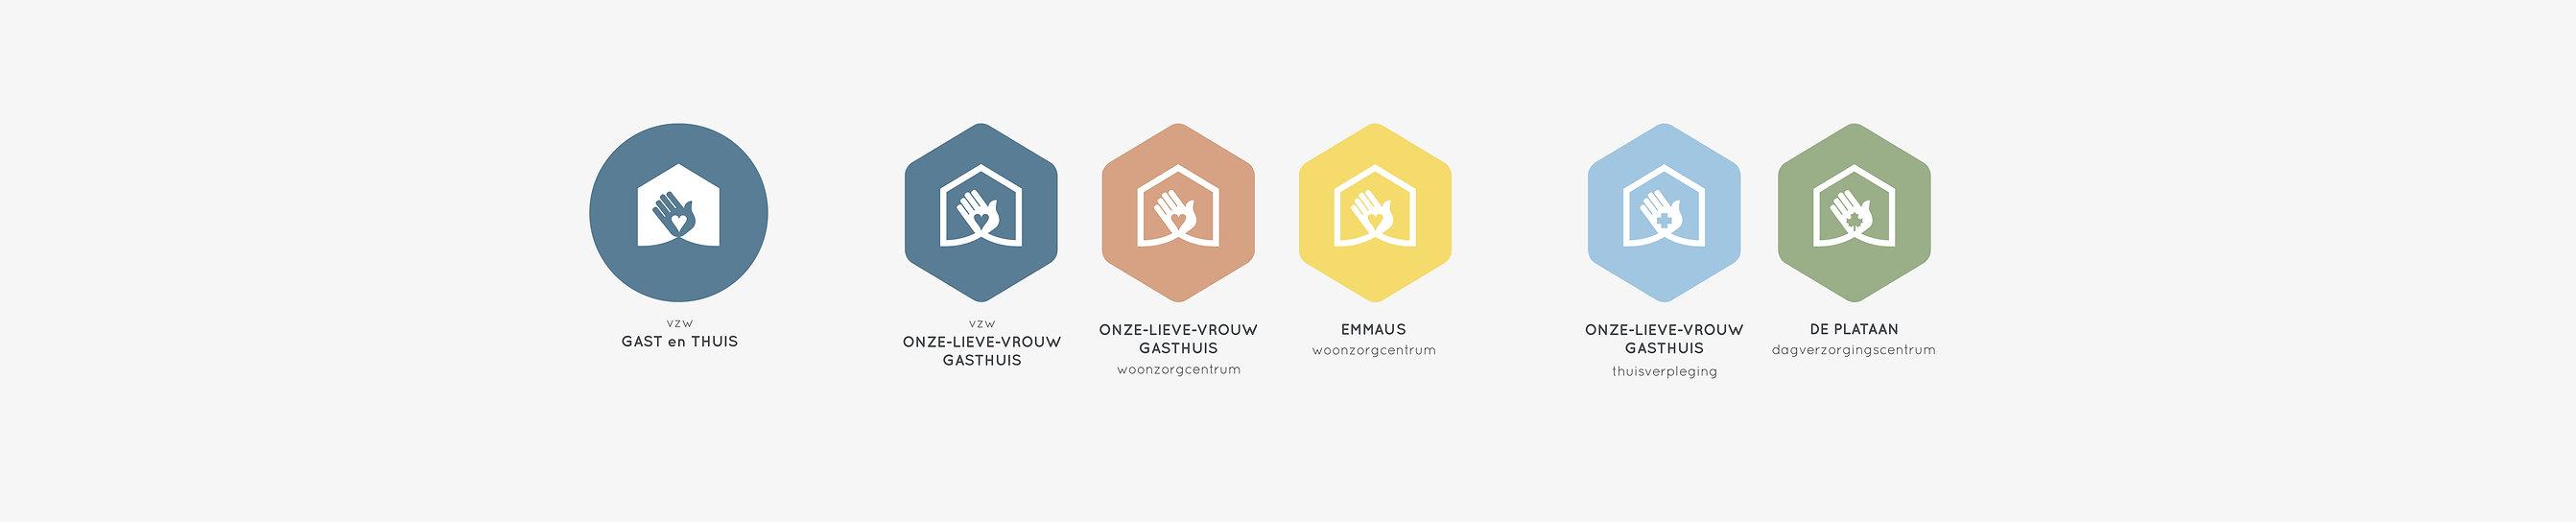 band Logos.jpg